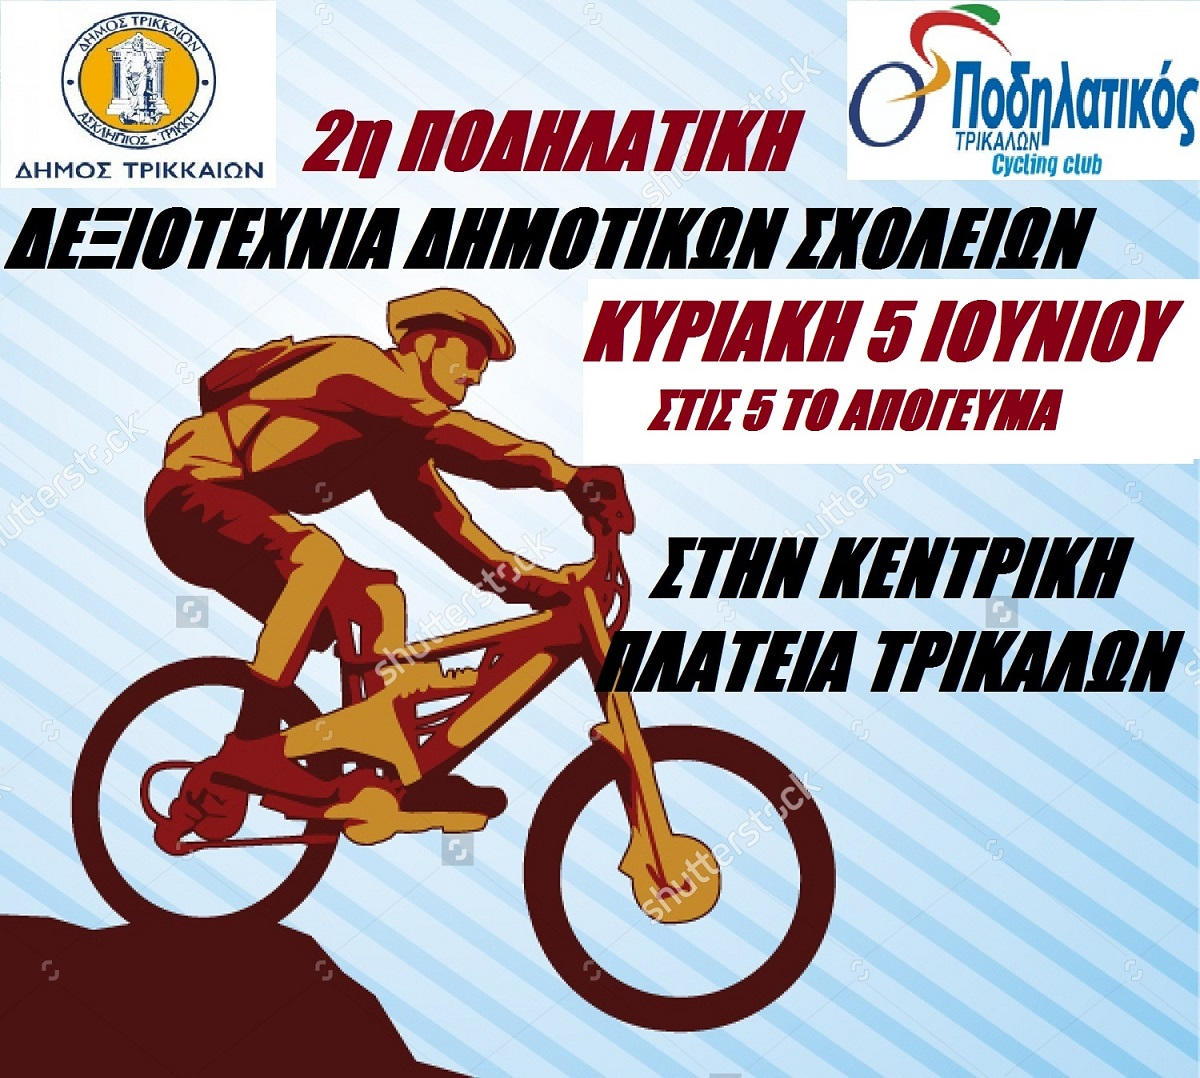 2η ποδηλατική δεξιοτεχνία δημοτικών σχολείων